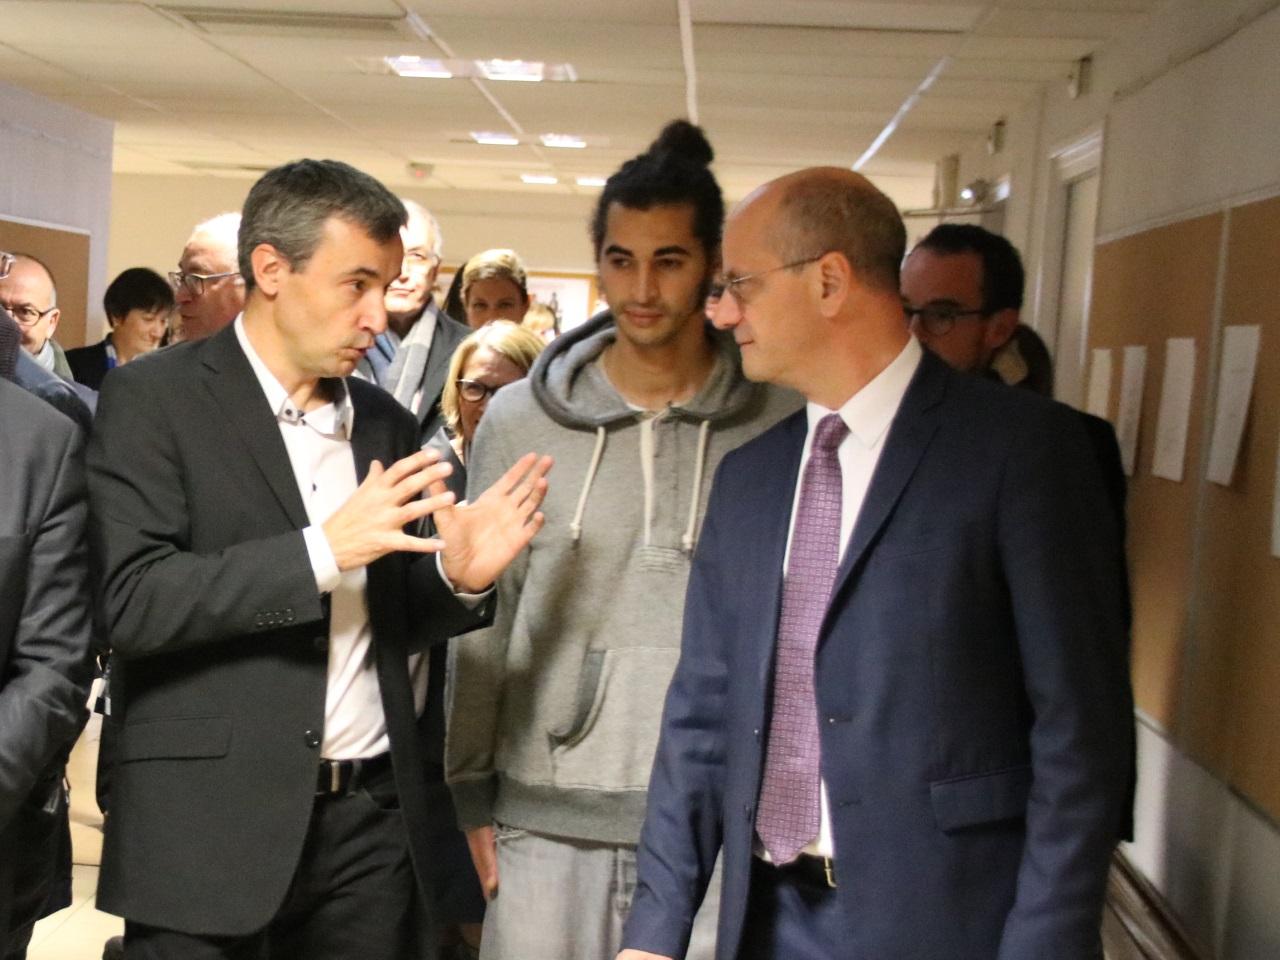 Le ministre avec le directeur d'Elie-Vignal - LyonMag